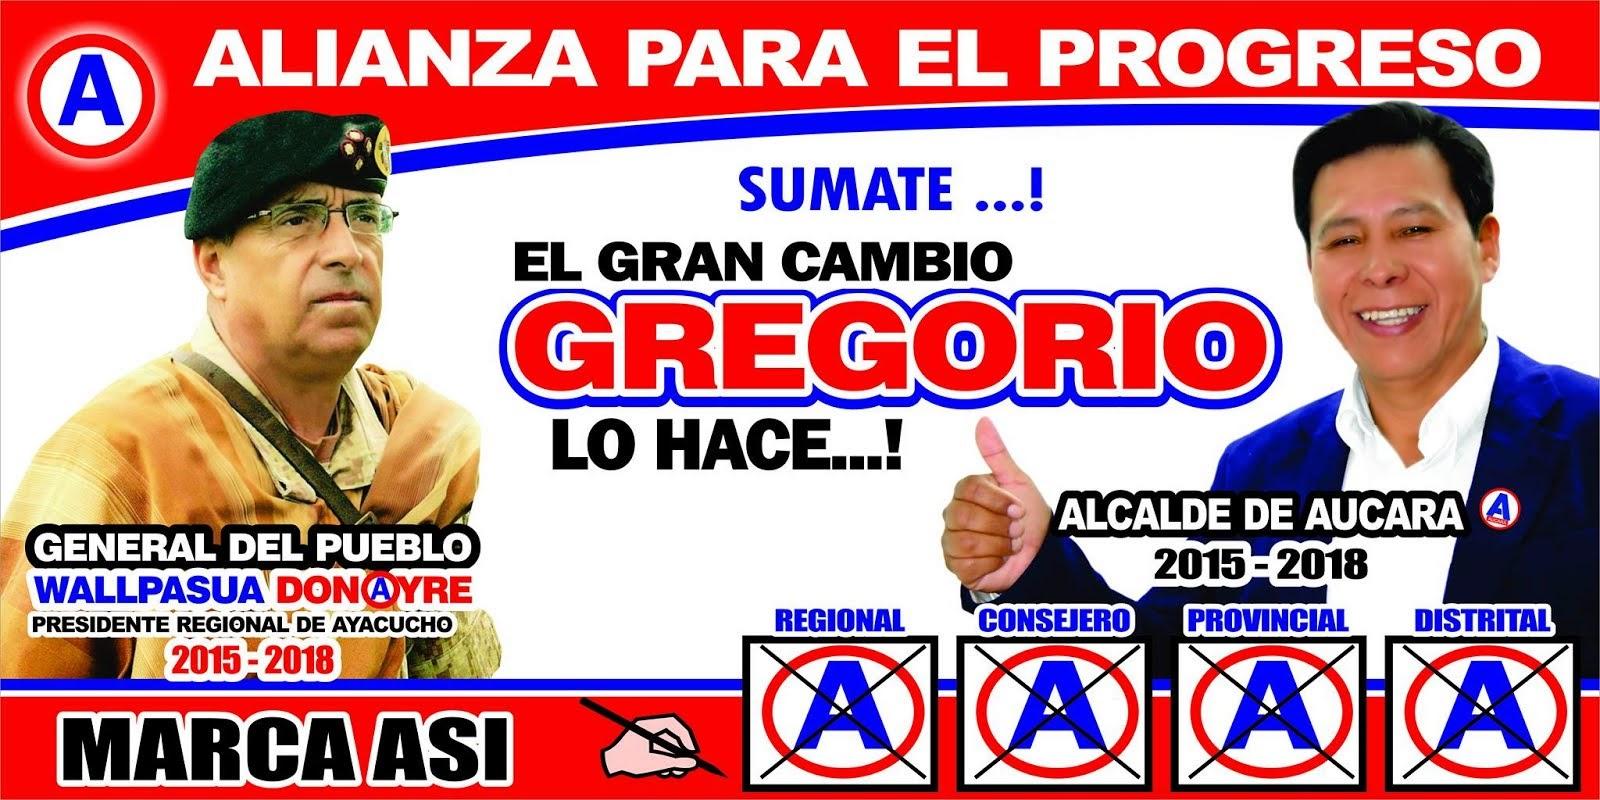 CHACRALLA Y AMAYCCA SOMOS (A)LIANZA PARA EL PROGRESO